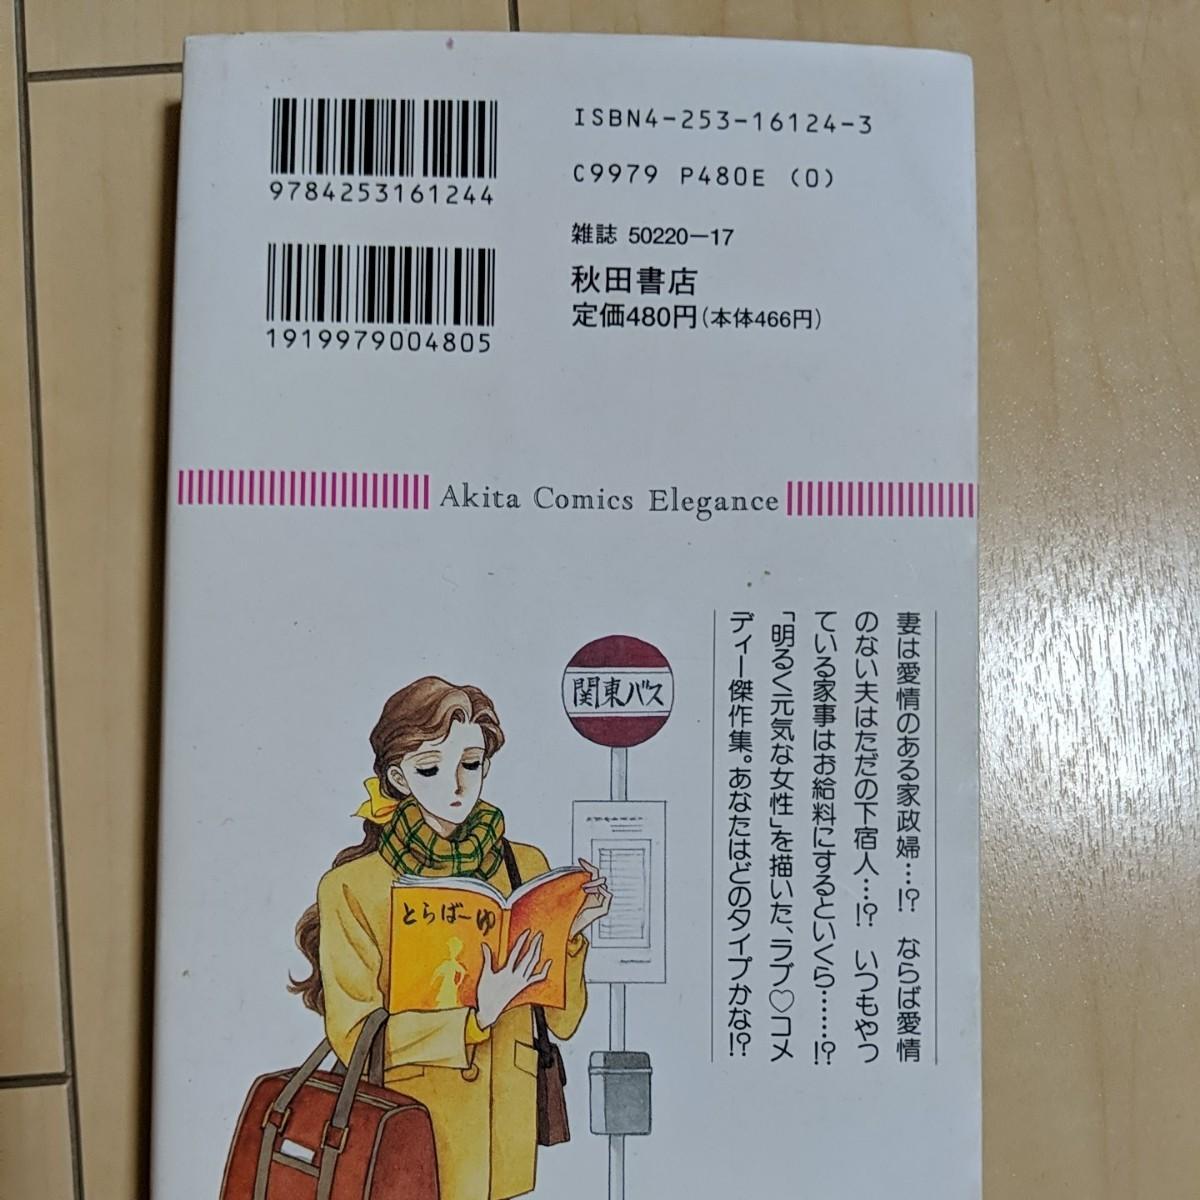 冬恋物語 忠津陽子